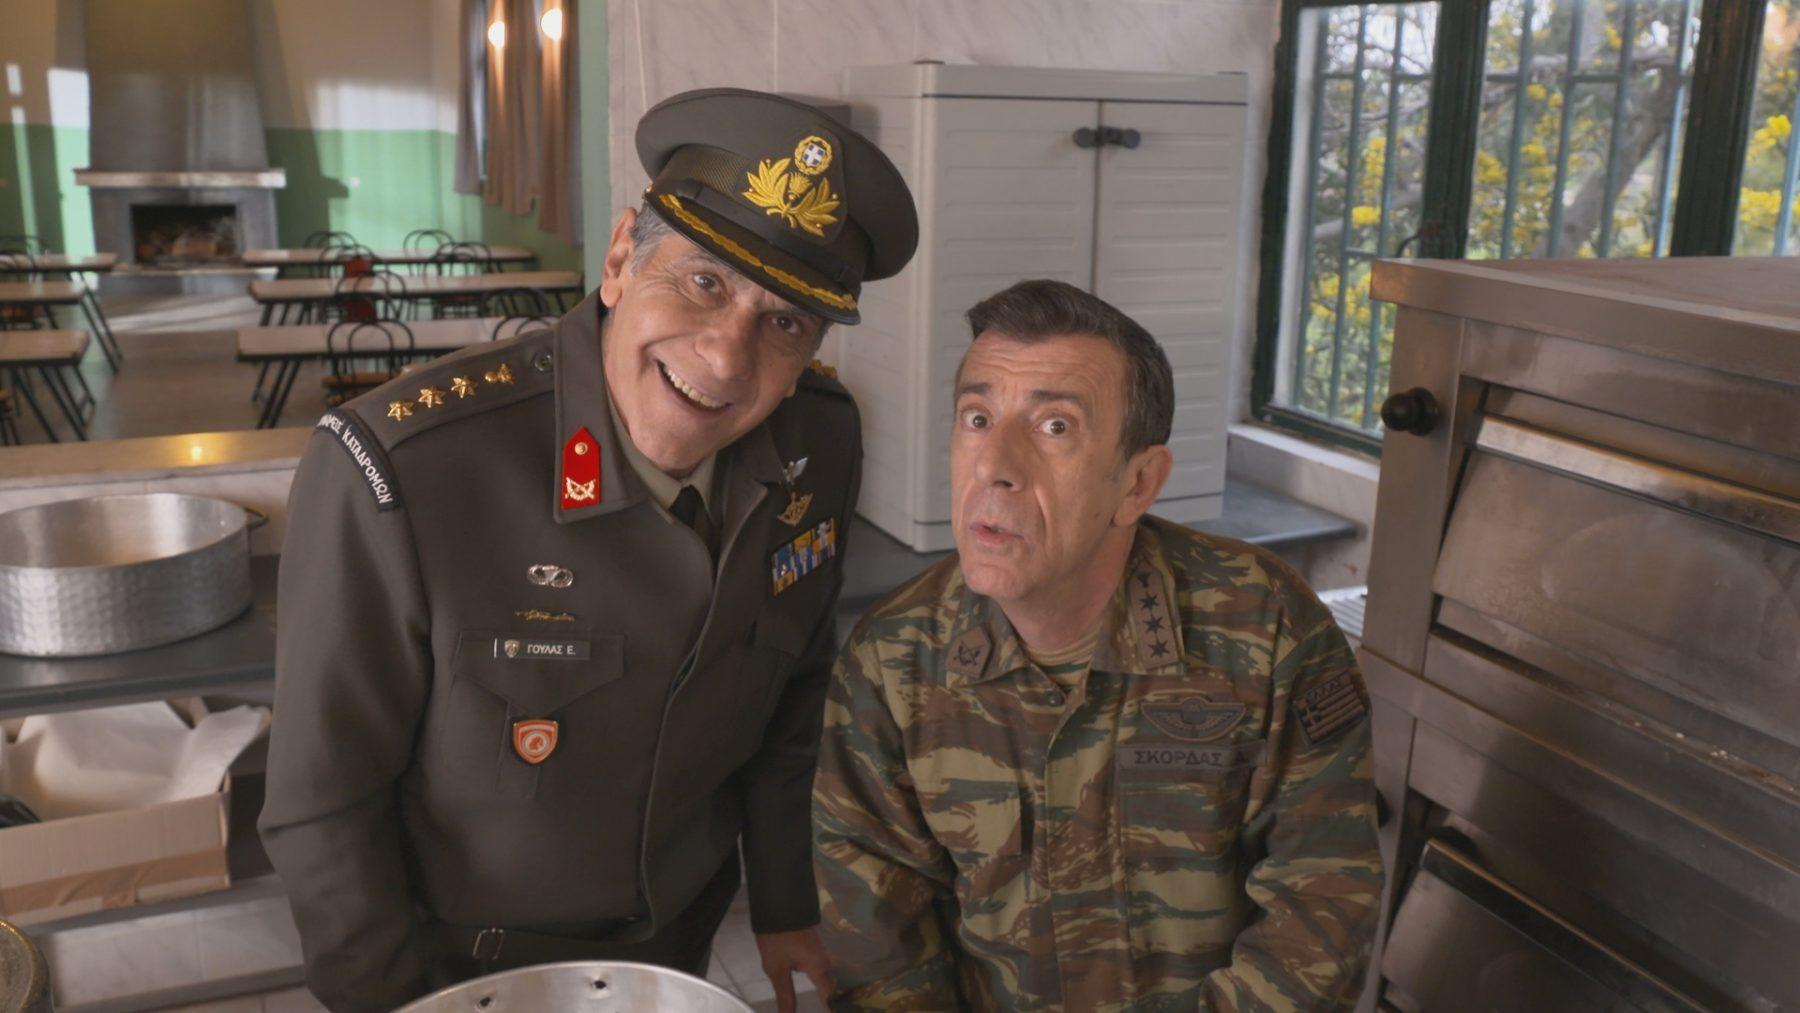 Παρουσιάστε: ένα από τα μεγαλύτερα σκάνδαλα του στρατοπέδου βγαίνει στη φόρα